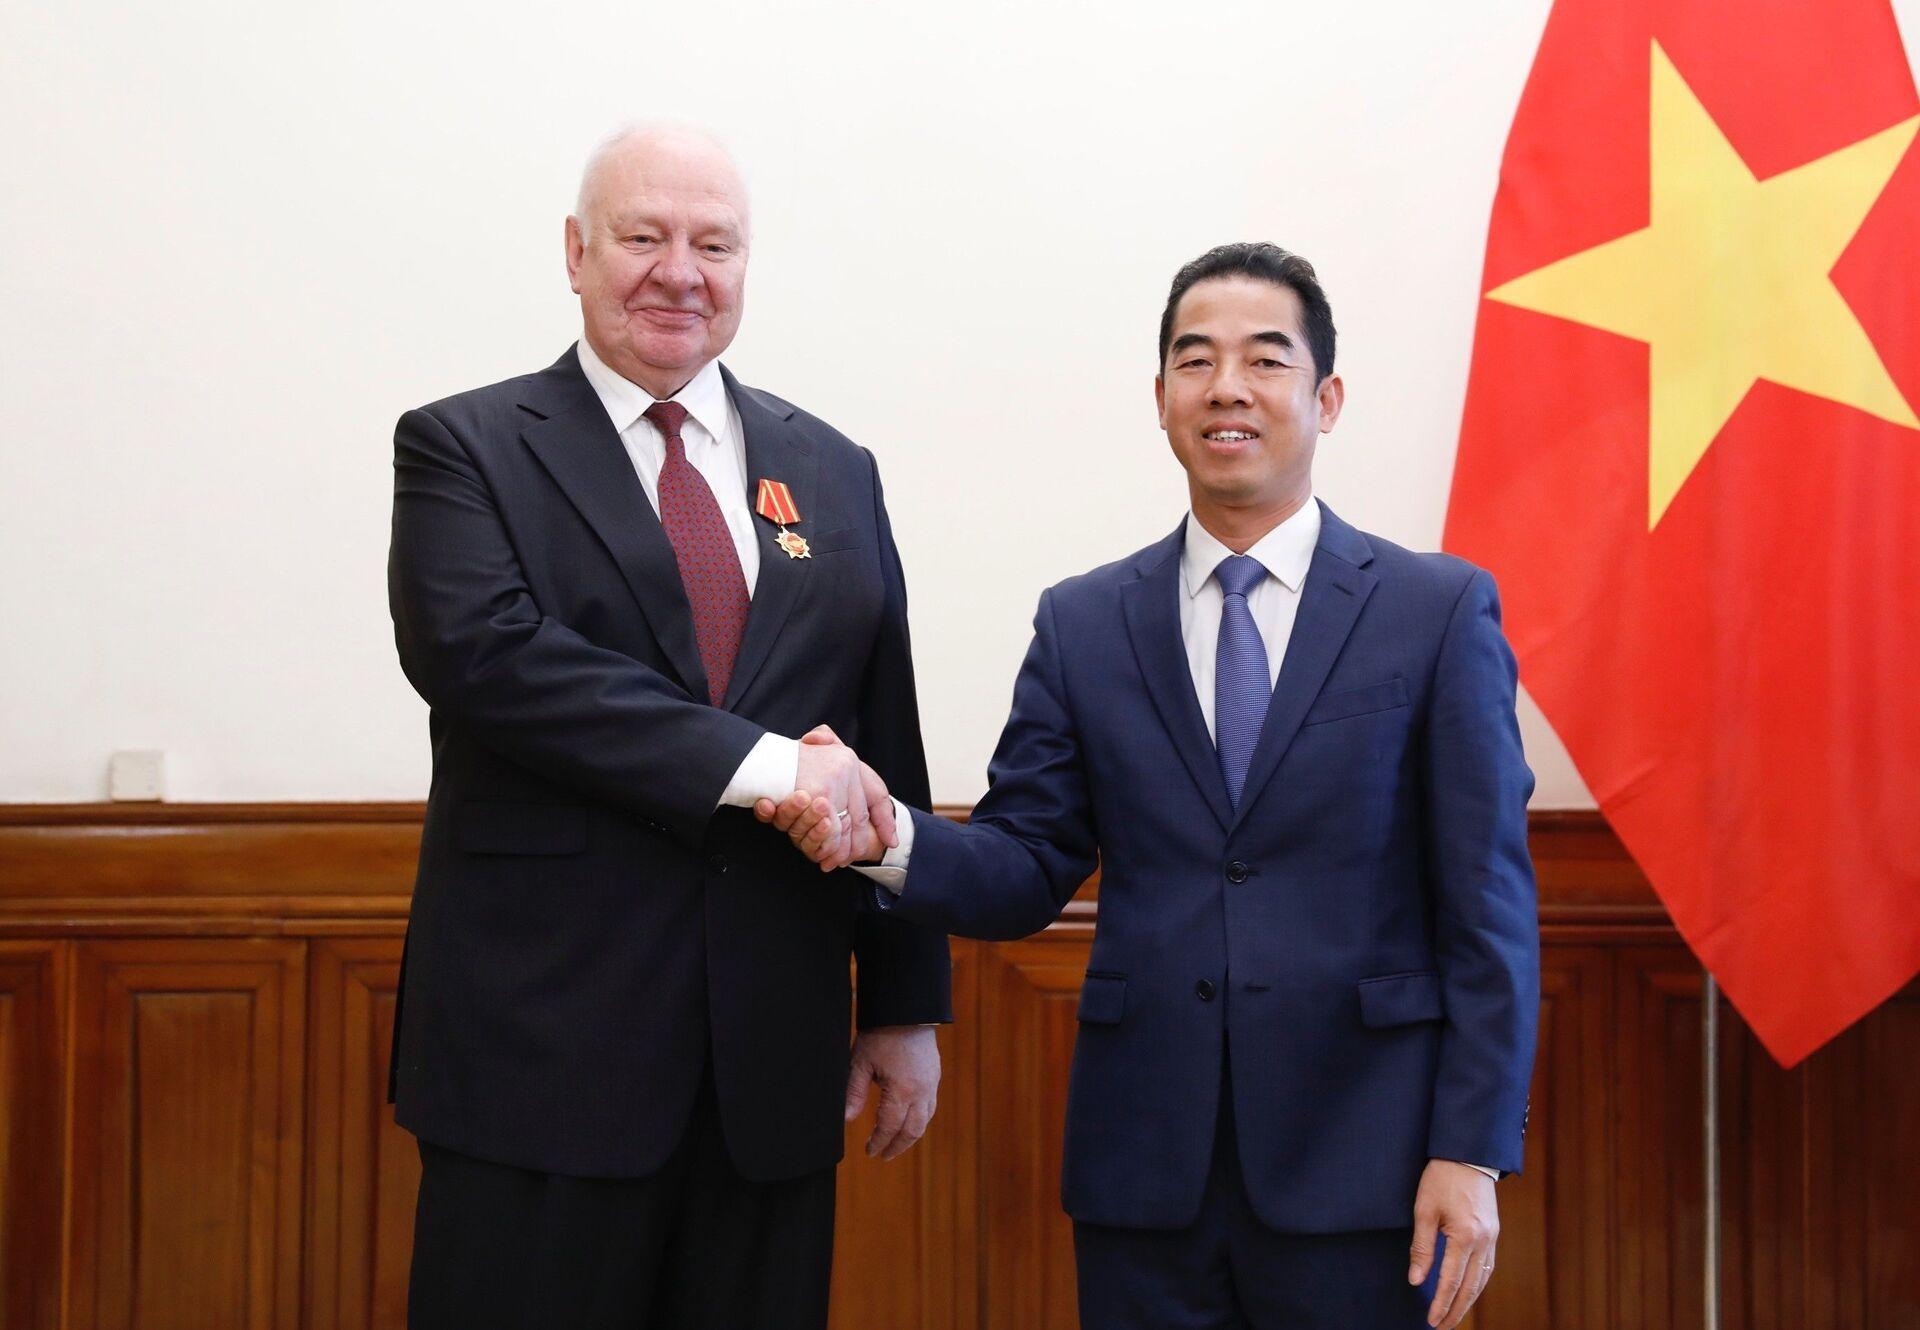 Việt Nam trao Huân chương Hữu nghị cho Đại sứ Nga - Sputnik Việt Nam, 1920, 23.03.2021